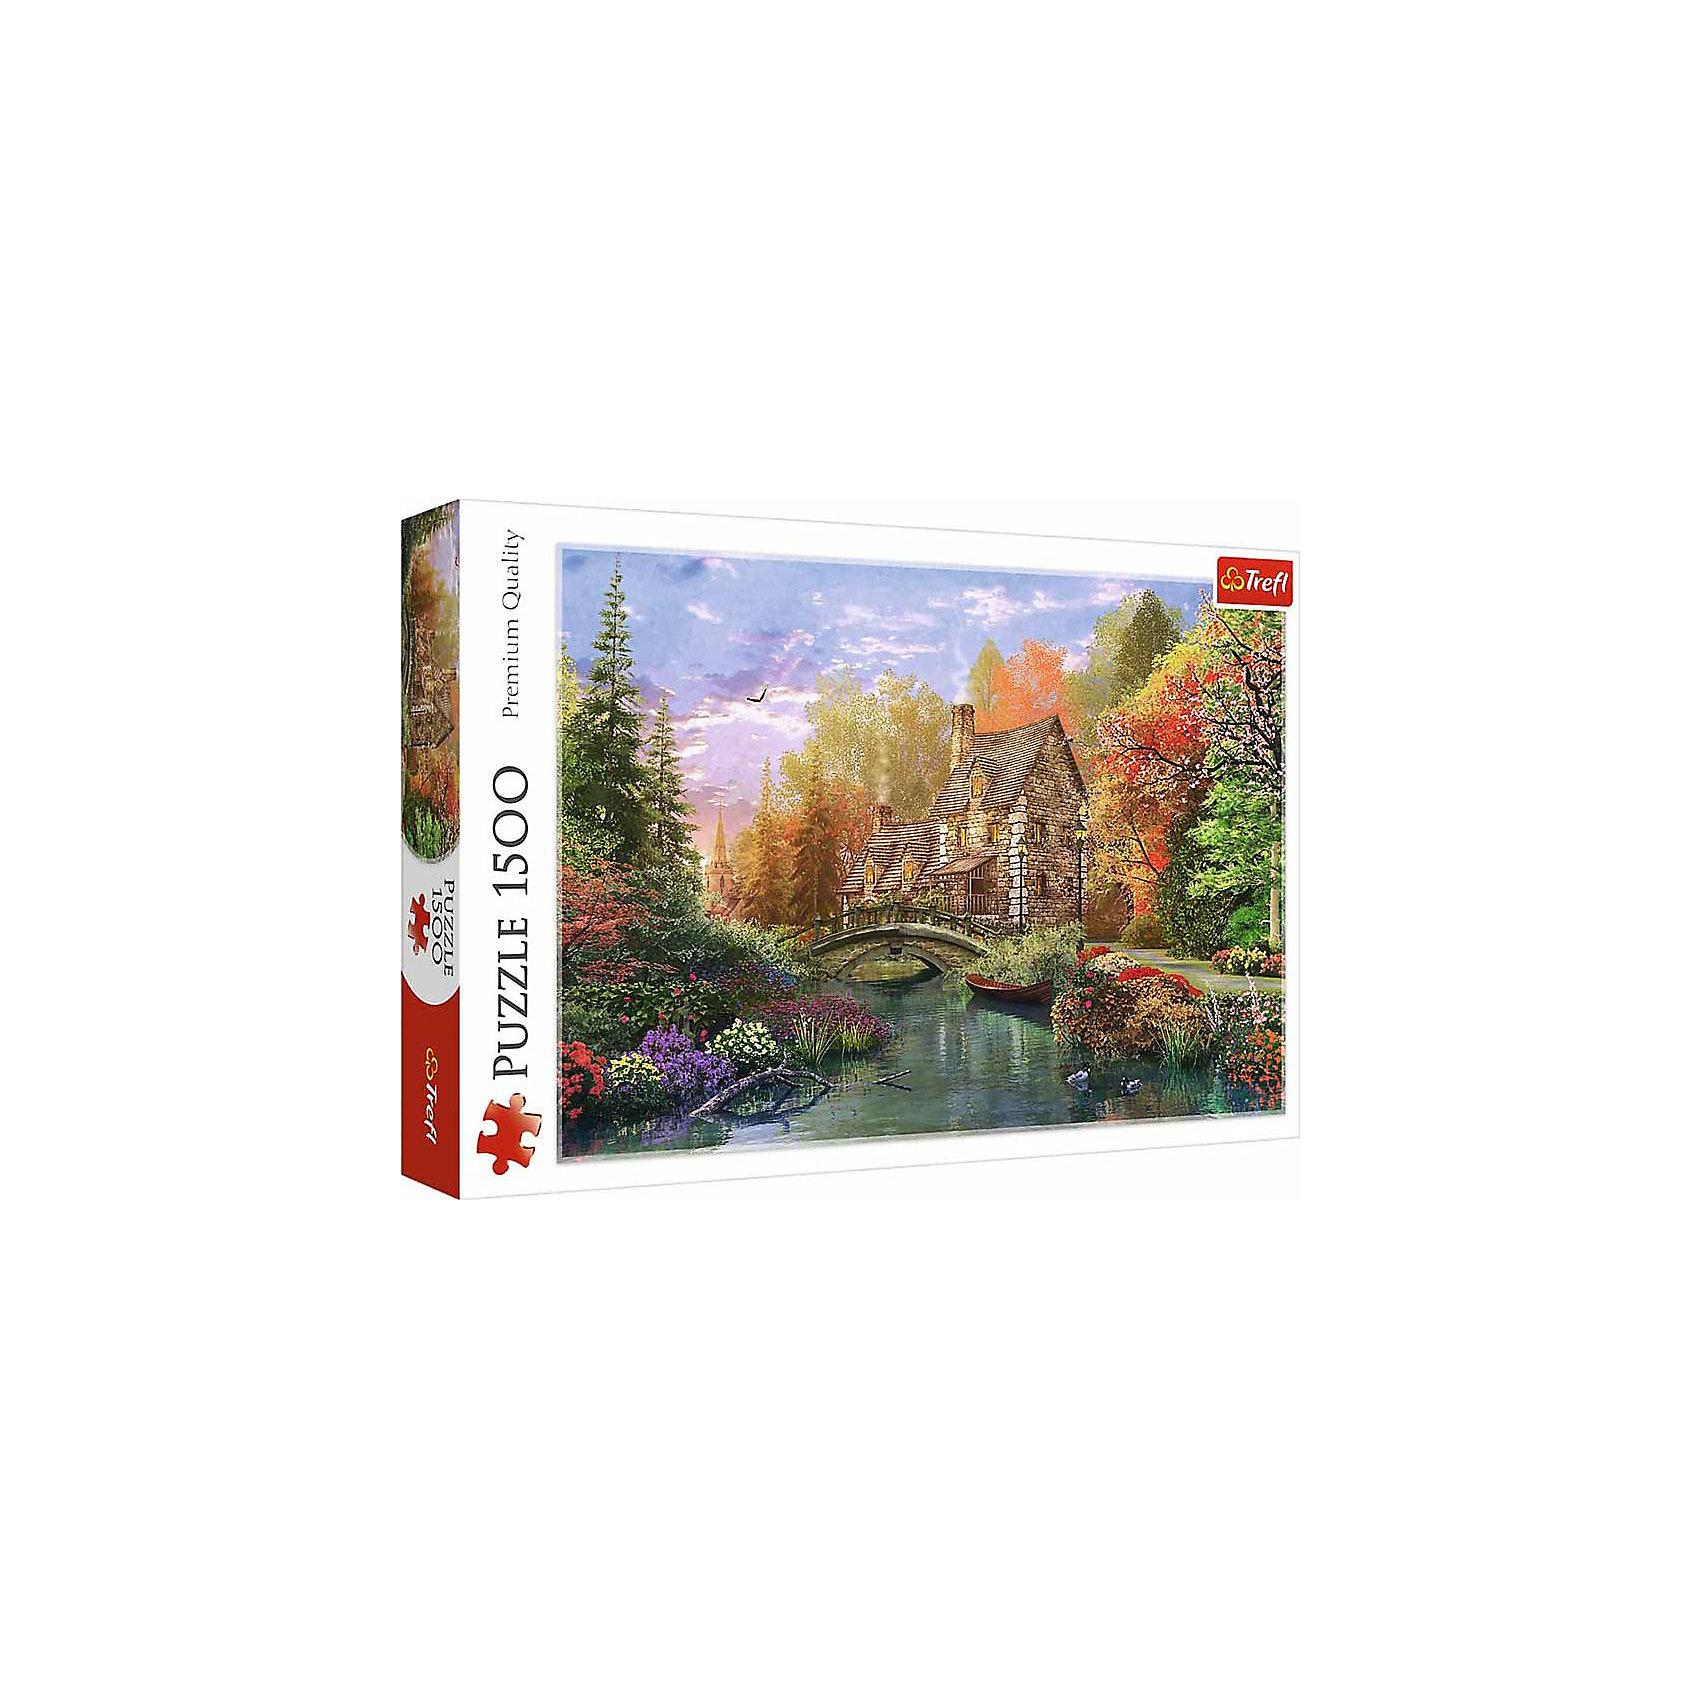 Пазлы «Домик на берегу озера», 1500 деталейПазлы для детей постарше<br>Пазл «Домик на берегу озера» от Trefl на 1500 деталей – это красивая картина, которая понравится любителям природы и уединения. <br>Благодаря высокому качеству и четкости изображения на собранном пазле вы сможете рассмотреть мелкие элементы: плавающих уток, цветы, кирпичную кладку дома. А насыщенные фирменные краски Trefl (которые являются, к тому же, и экологически чистыми) делают такую картину достойным украшением гостиной. <br>Пазл выполнен из каландрированного картона – утолщенного, с повышенной степенью гладкости и лоска. Это позволяет ему перенести множество сборок, быть приятным на ощупь и эффектно смотреться в интерьере. Вместе с тем антибликовое покрытие дает возможность собирать «Домик на берегу озера» при любом освещении. <br>Количество деталей: 1500. <br>Размеры картинки в собранном виде: 85х58 см. <br>Размеры коробки: 40,1х27х6 см. <br>Вес коробки: 1,05 кг. <br>Пазл предназначен для детей старше 12 лет.<br><br>Ширина мм: 410<br>Глубина мм: 378<br>Высота мм: 270<br>Вес г: 980<br>Возраст от месяцев: 144<br>Возраст до месяцев: 2147483647<br>Пол: Унисекс<br>Возраст: Детский<br>SKU: 7126350